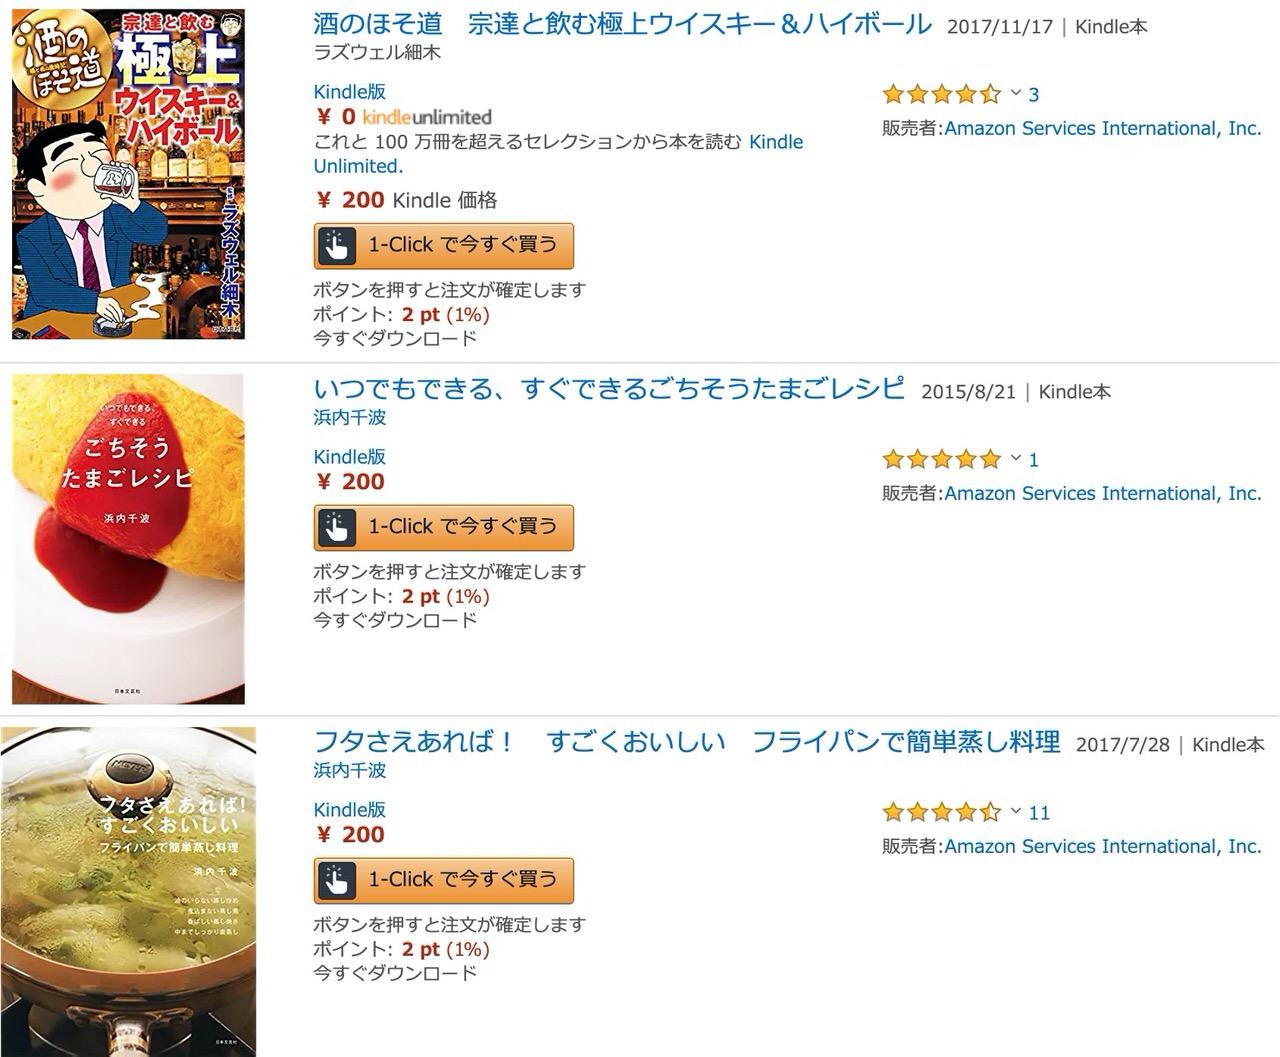 【Kindleセール】200円均一「美味しく作れてカラダにも効く!おすすめ料理本フェア」(12/11まで)